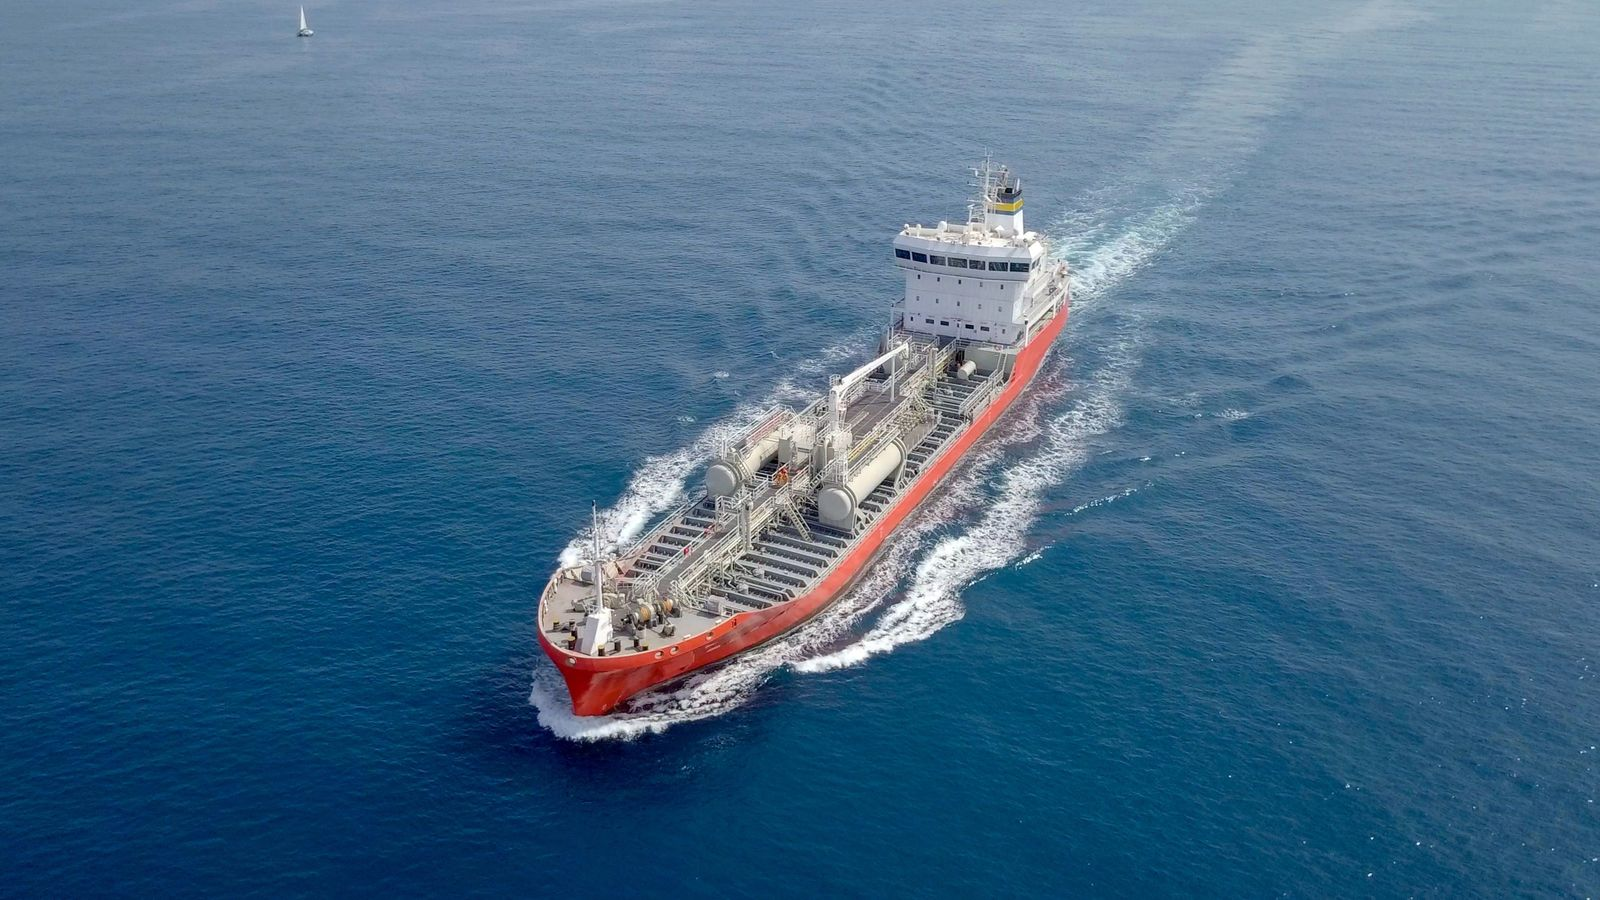 原油の中東依存度高い日本のタンカーの守り方 またアメリカに付き従えばいいのか